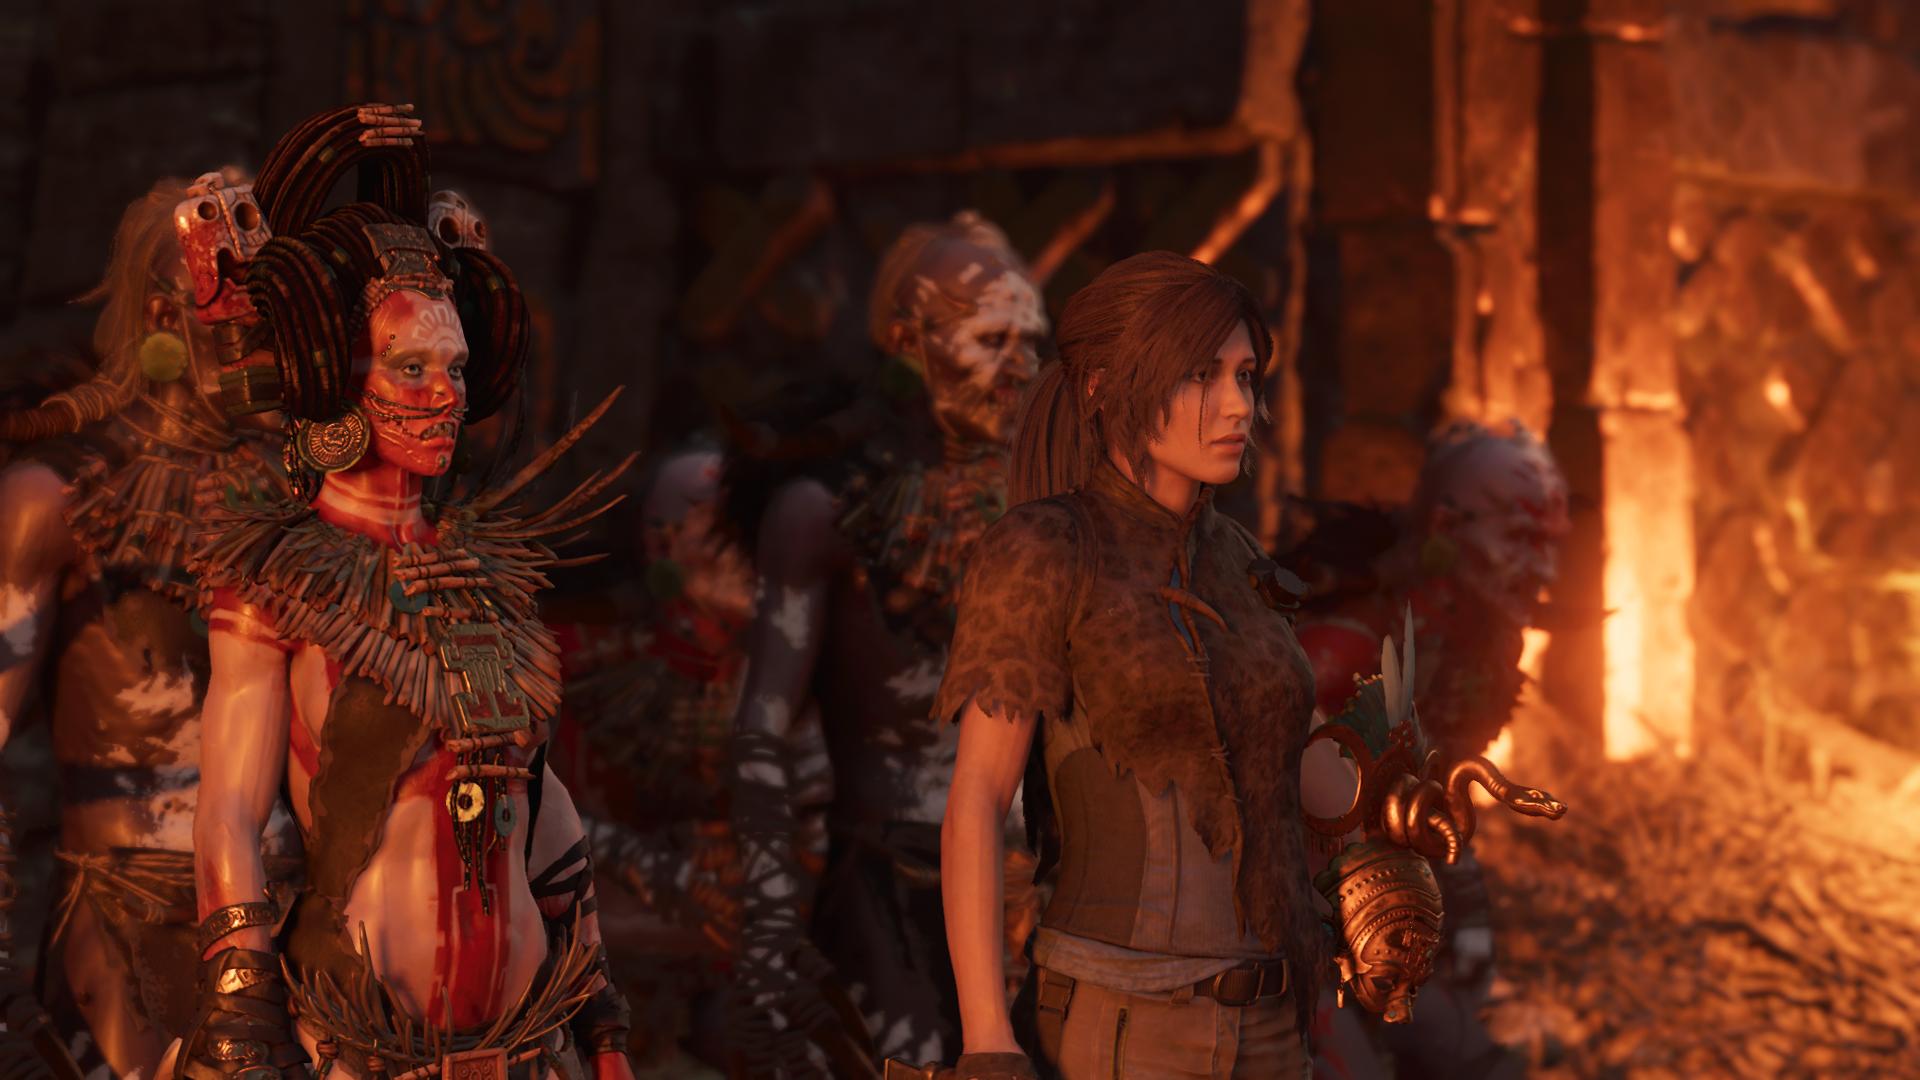 Лара и Иона в Пайтити. - Shadow of the Tomb Raider